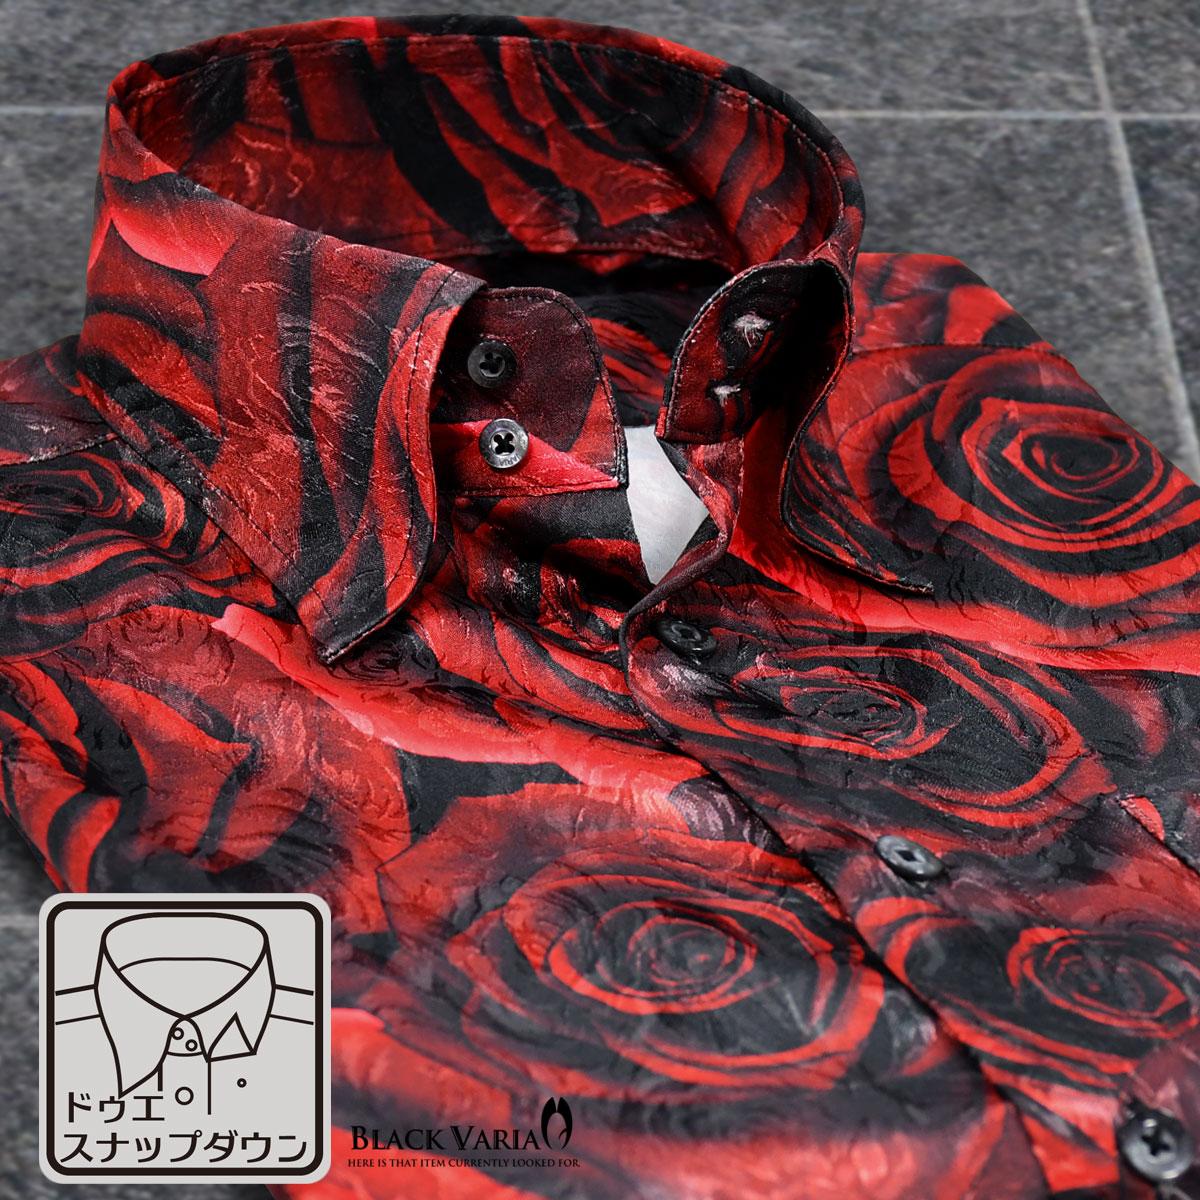 サテンシャツ ドレスシャツ 薔薇 大柄 ドゥエボットーニ スナップダウン 日本製 パーティー ジャガード メンズ mens(レッド赤)